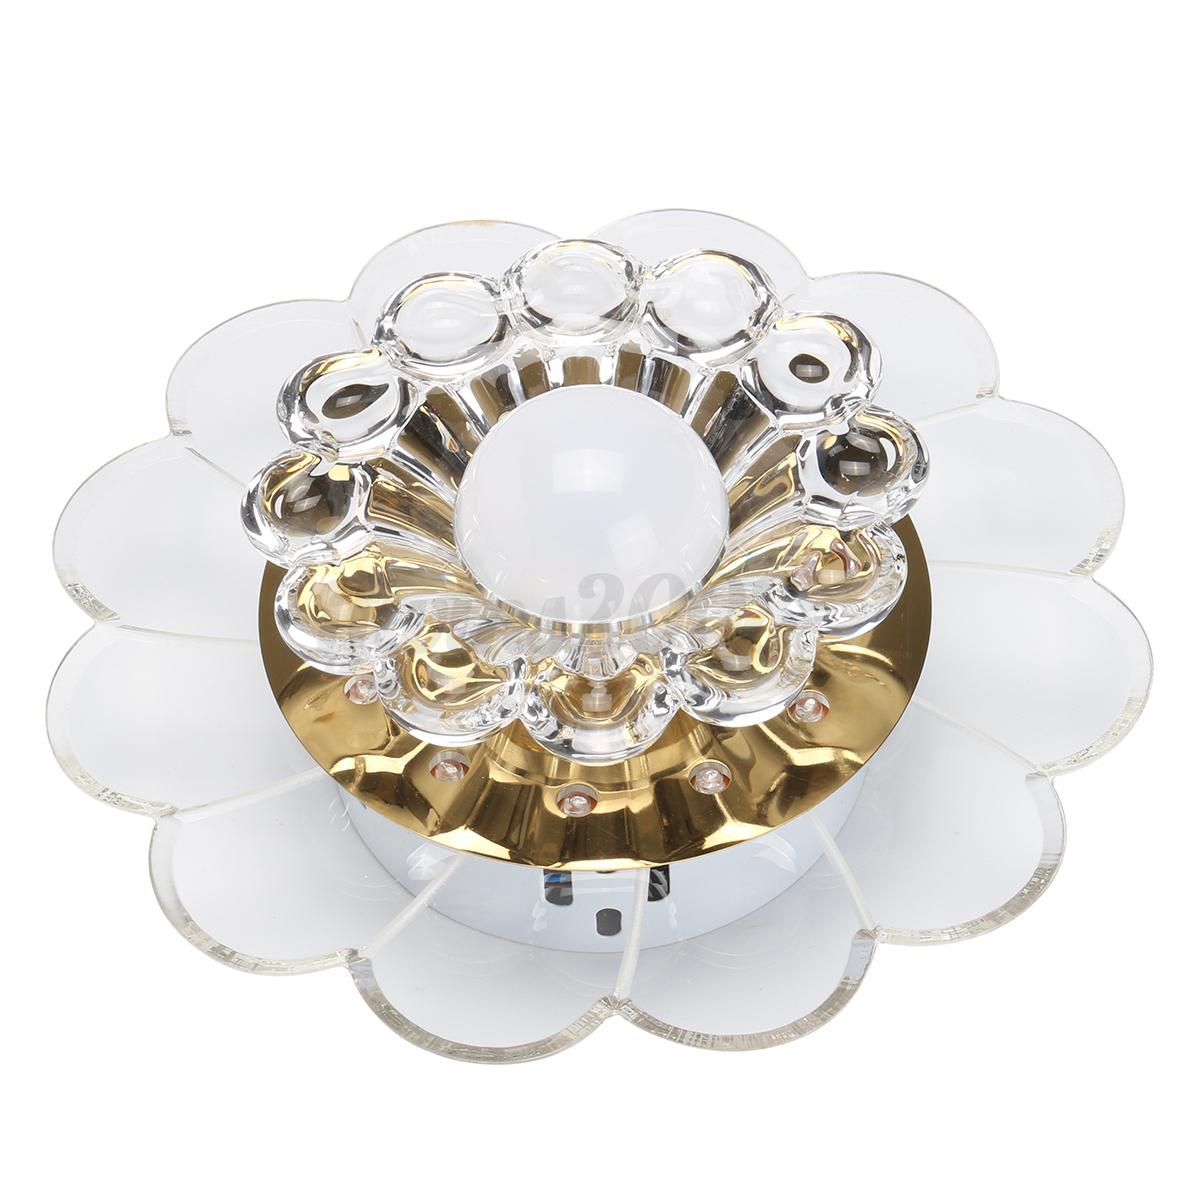 5w led kristall deckenleuchte deckenlampe modern for Deckenleuchte deckenlampe